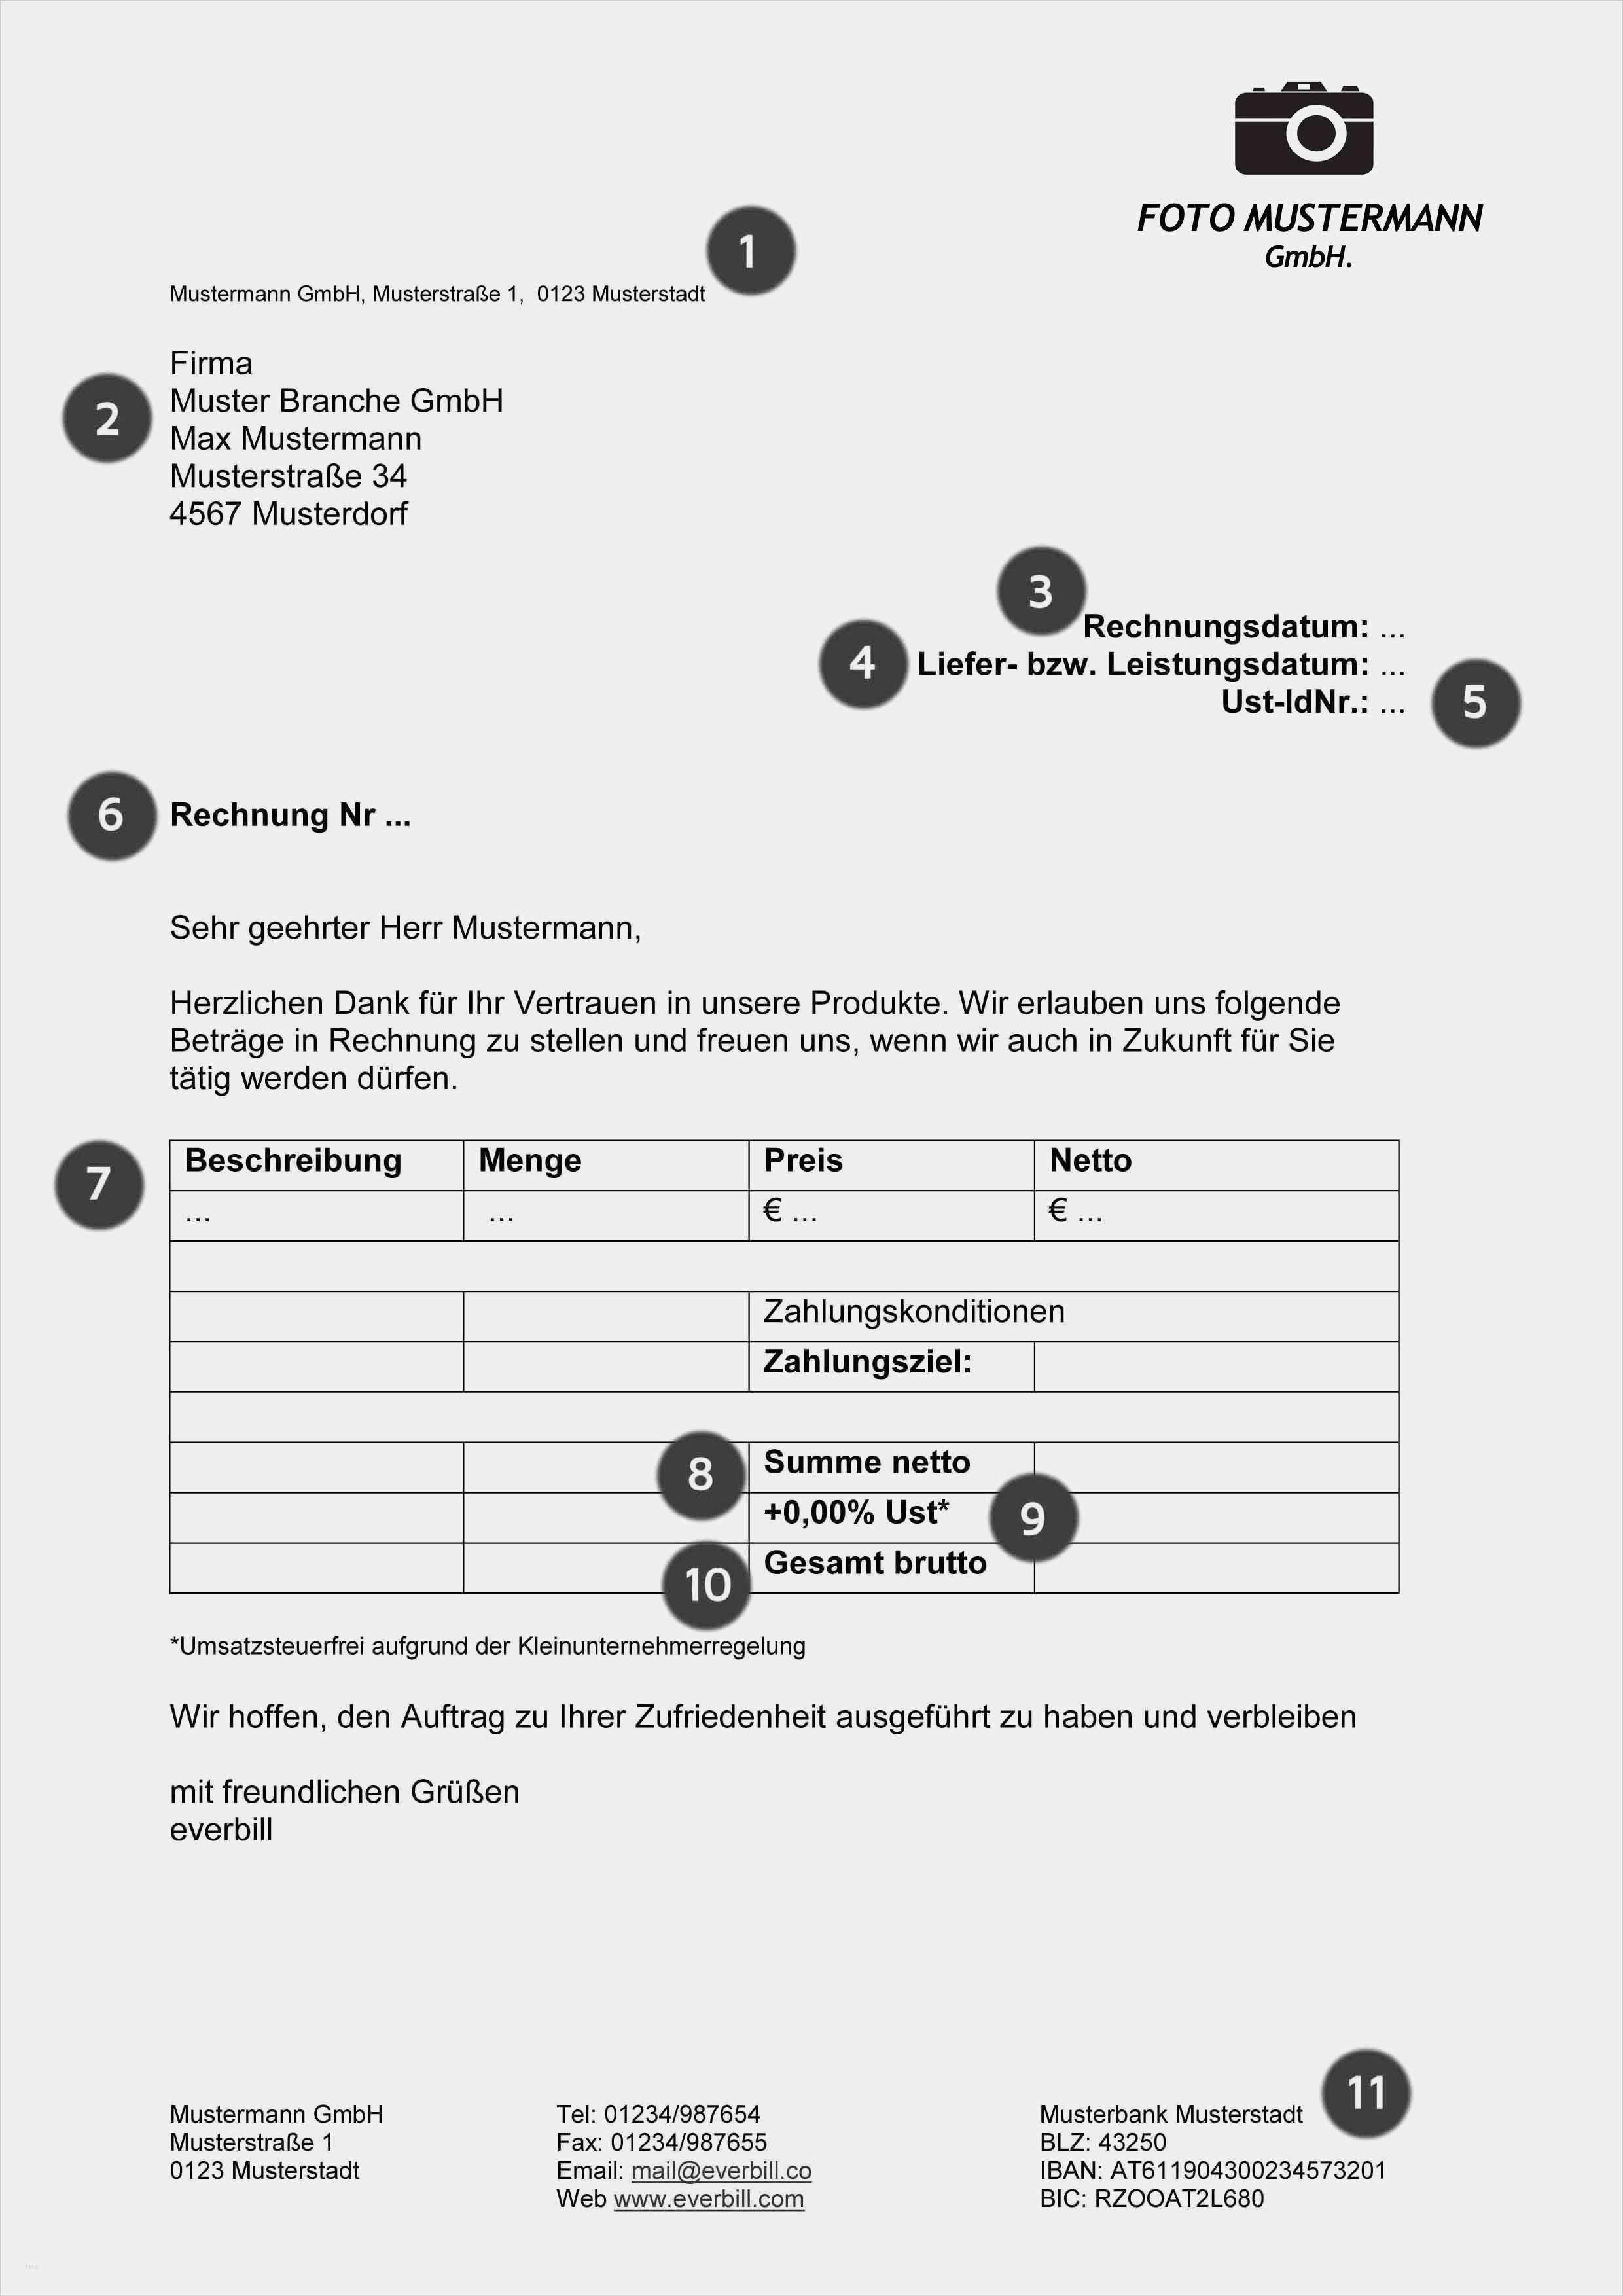 35 Genial Fotograf Rechnung Vorlage Modelle Rechnung Vorlage Vorlagen Rechnungen Schreiben